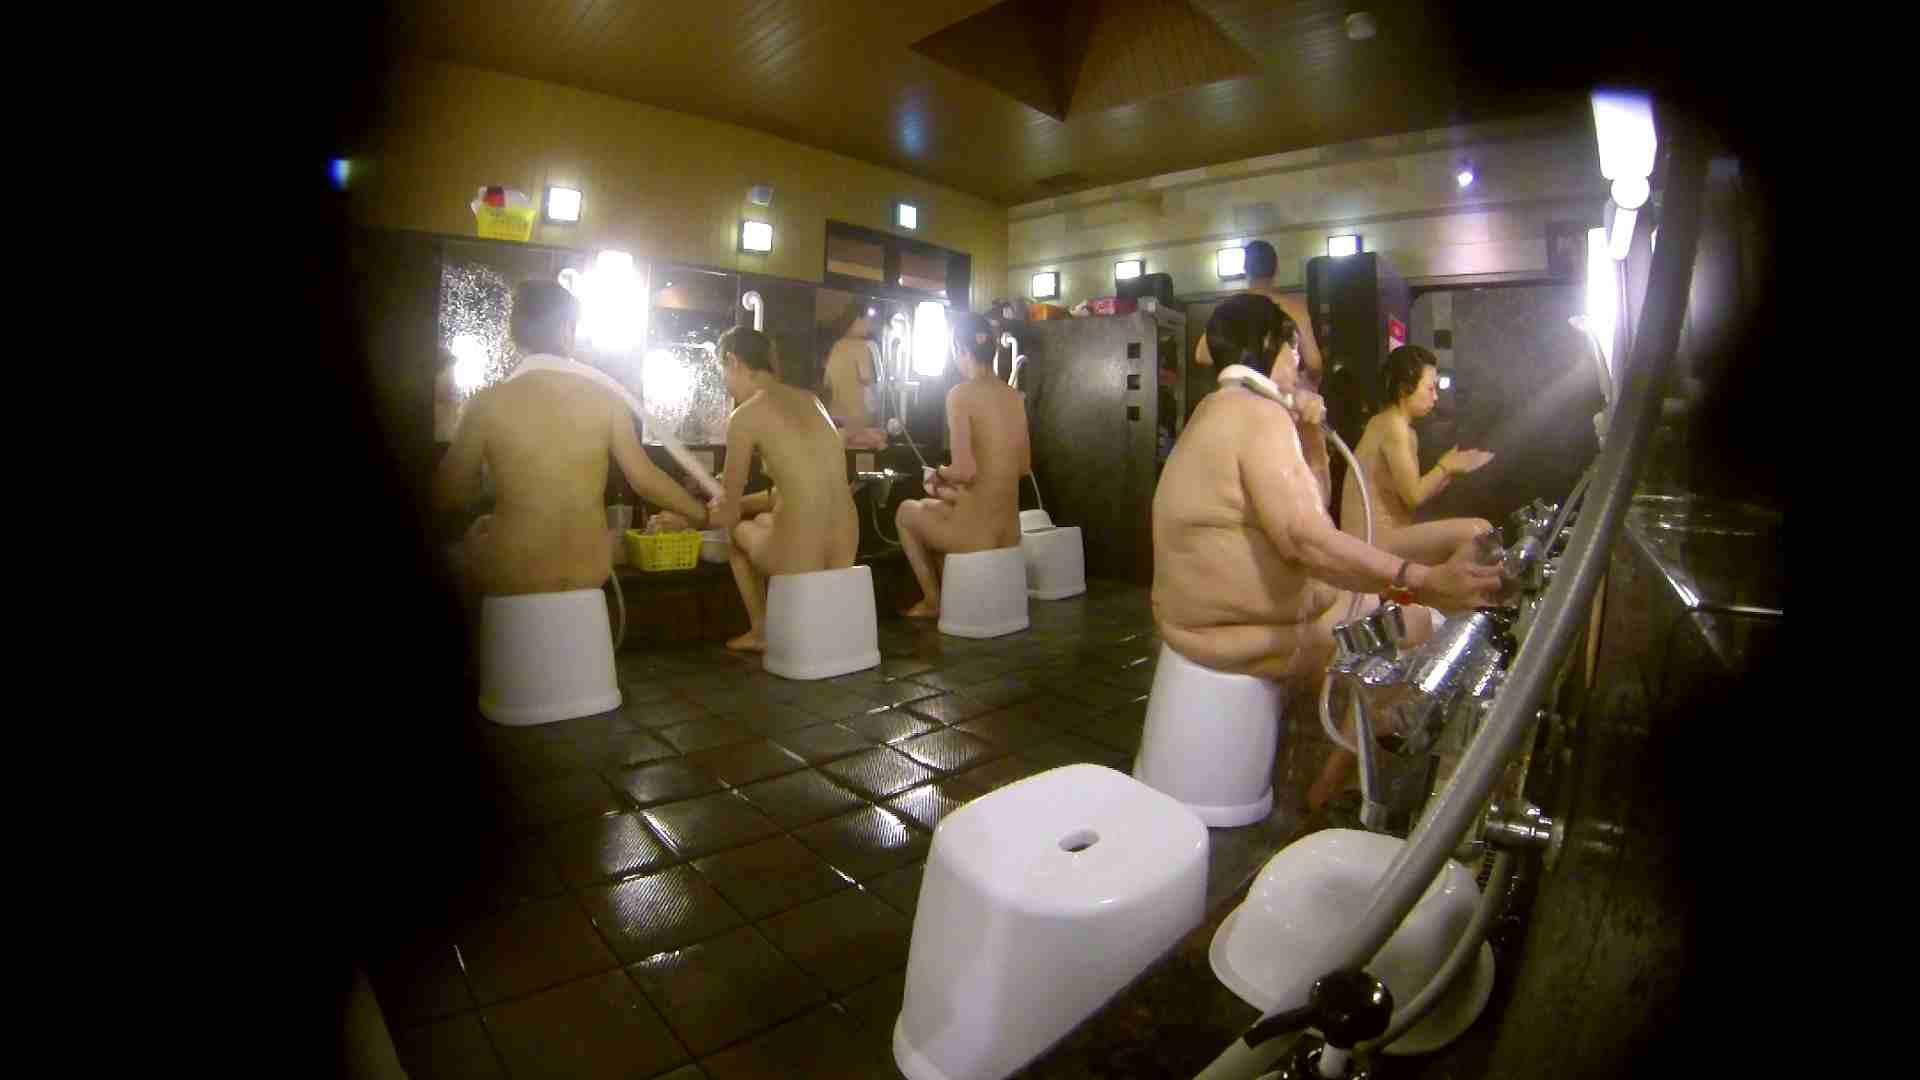 追い撮り!脱衣~洗い場、徹底追跡!撮り師さんに拍手!! 追跡 AV無料動画キャプチャ 77枚 62